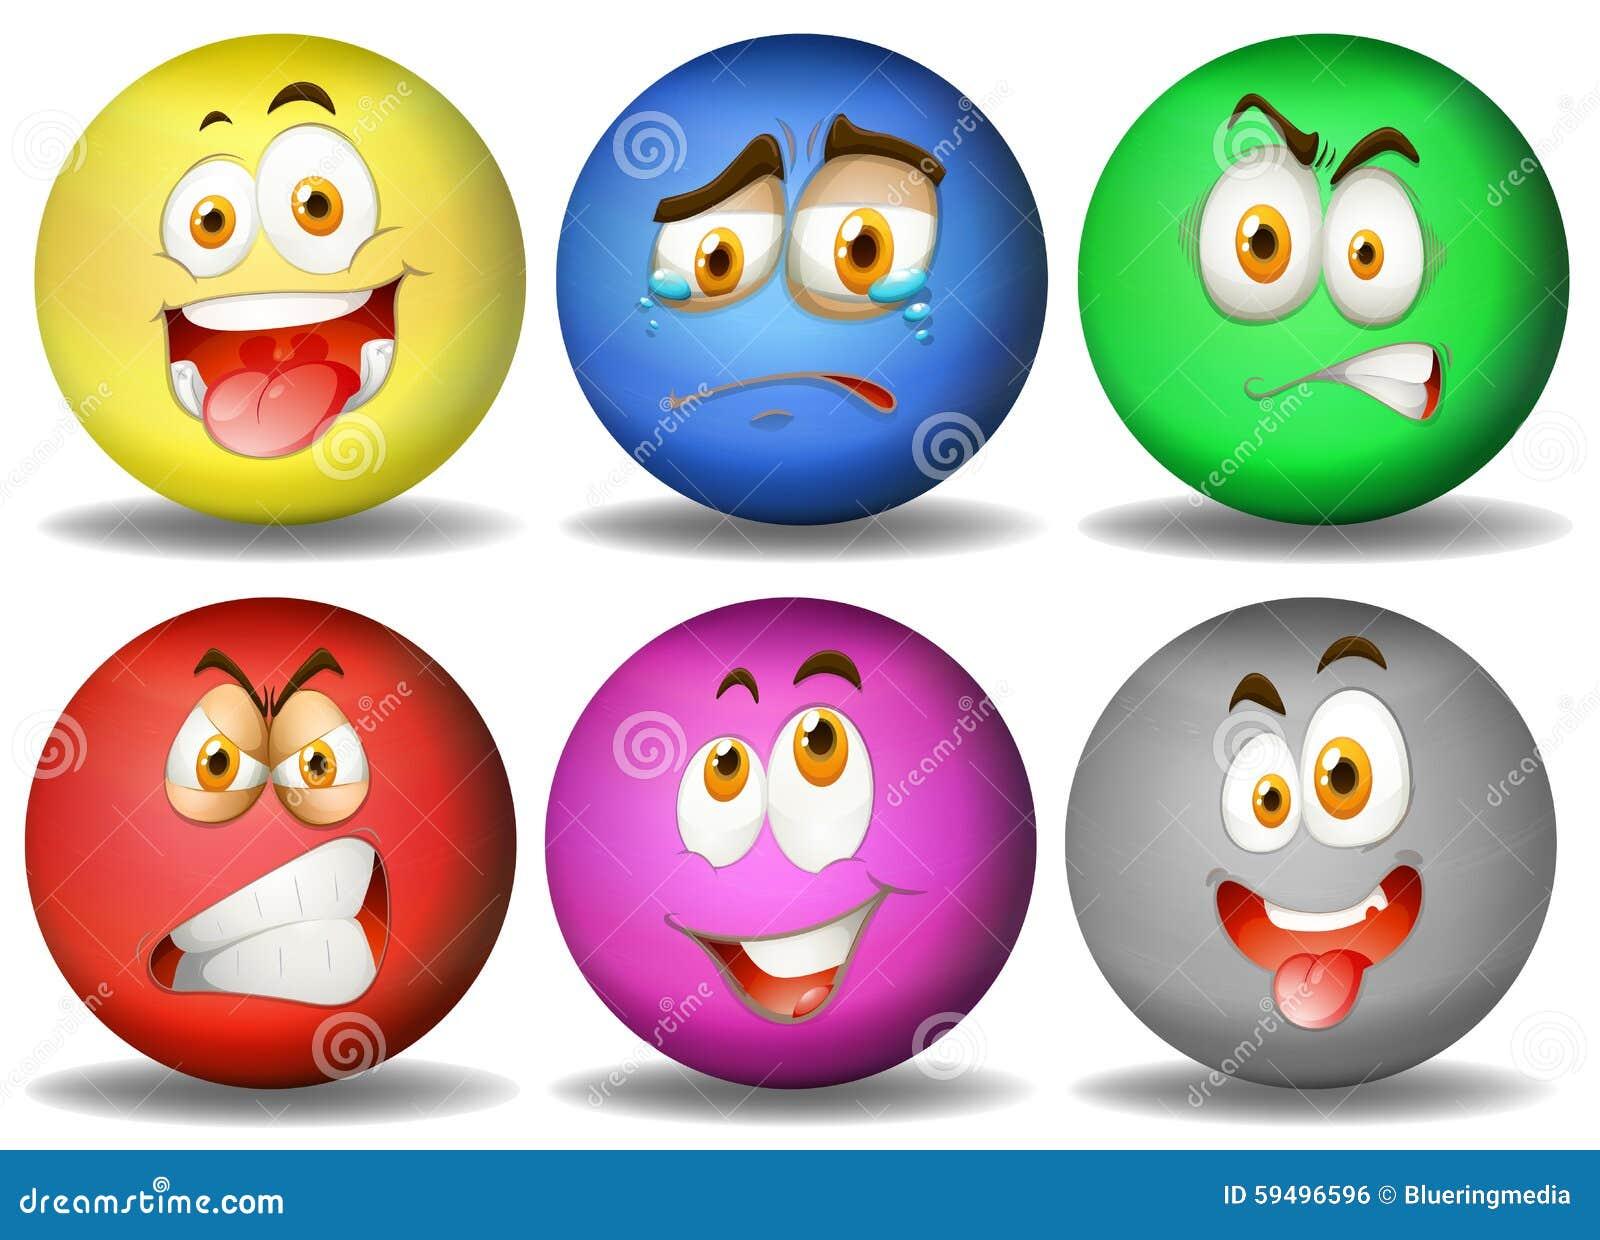 Expresiones faciales en bolas redondas ilustraci n del for Imagenes de piletas redondas